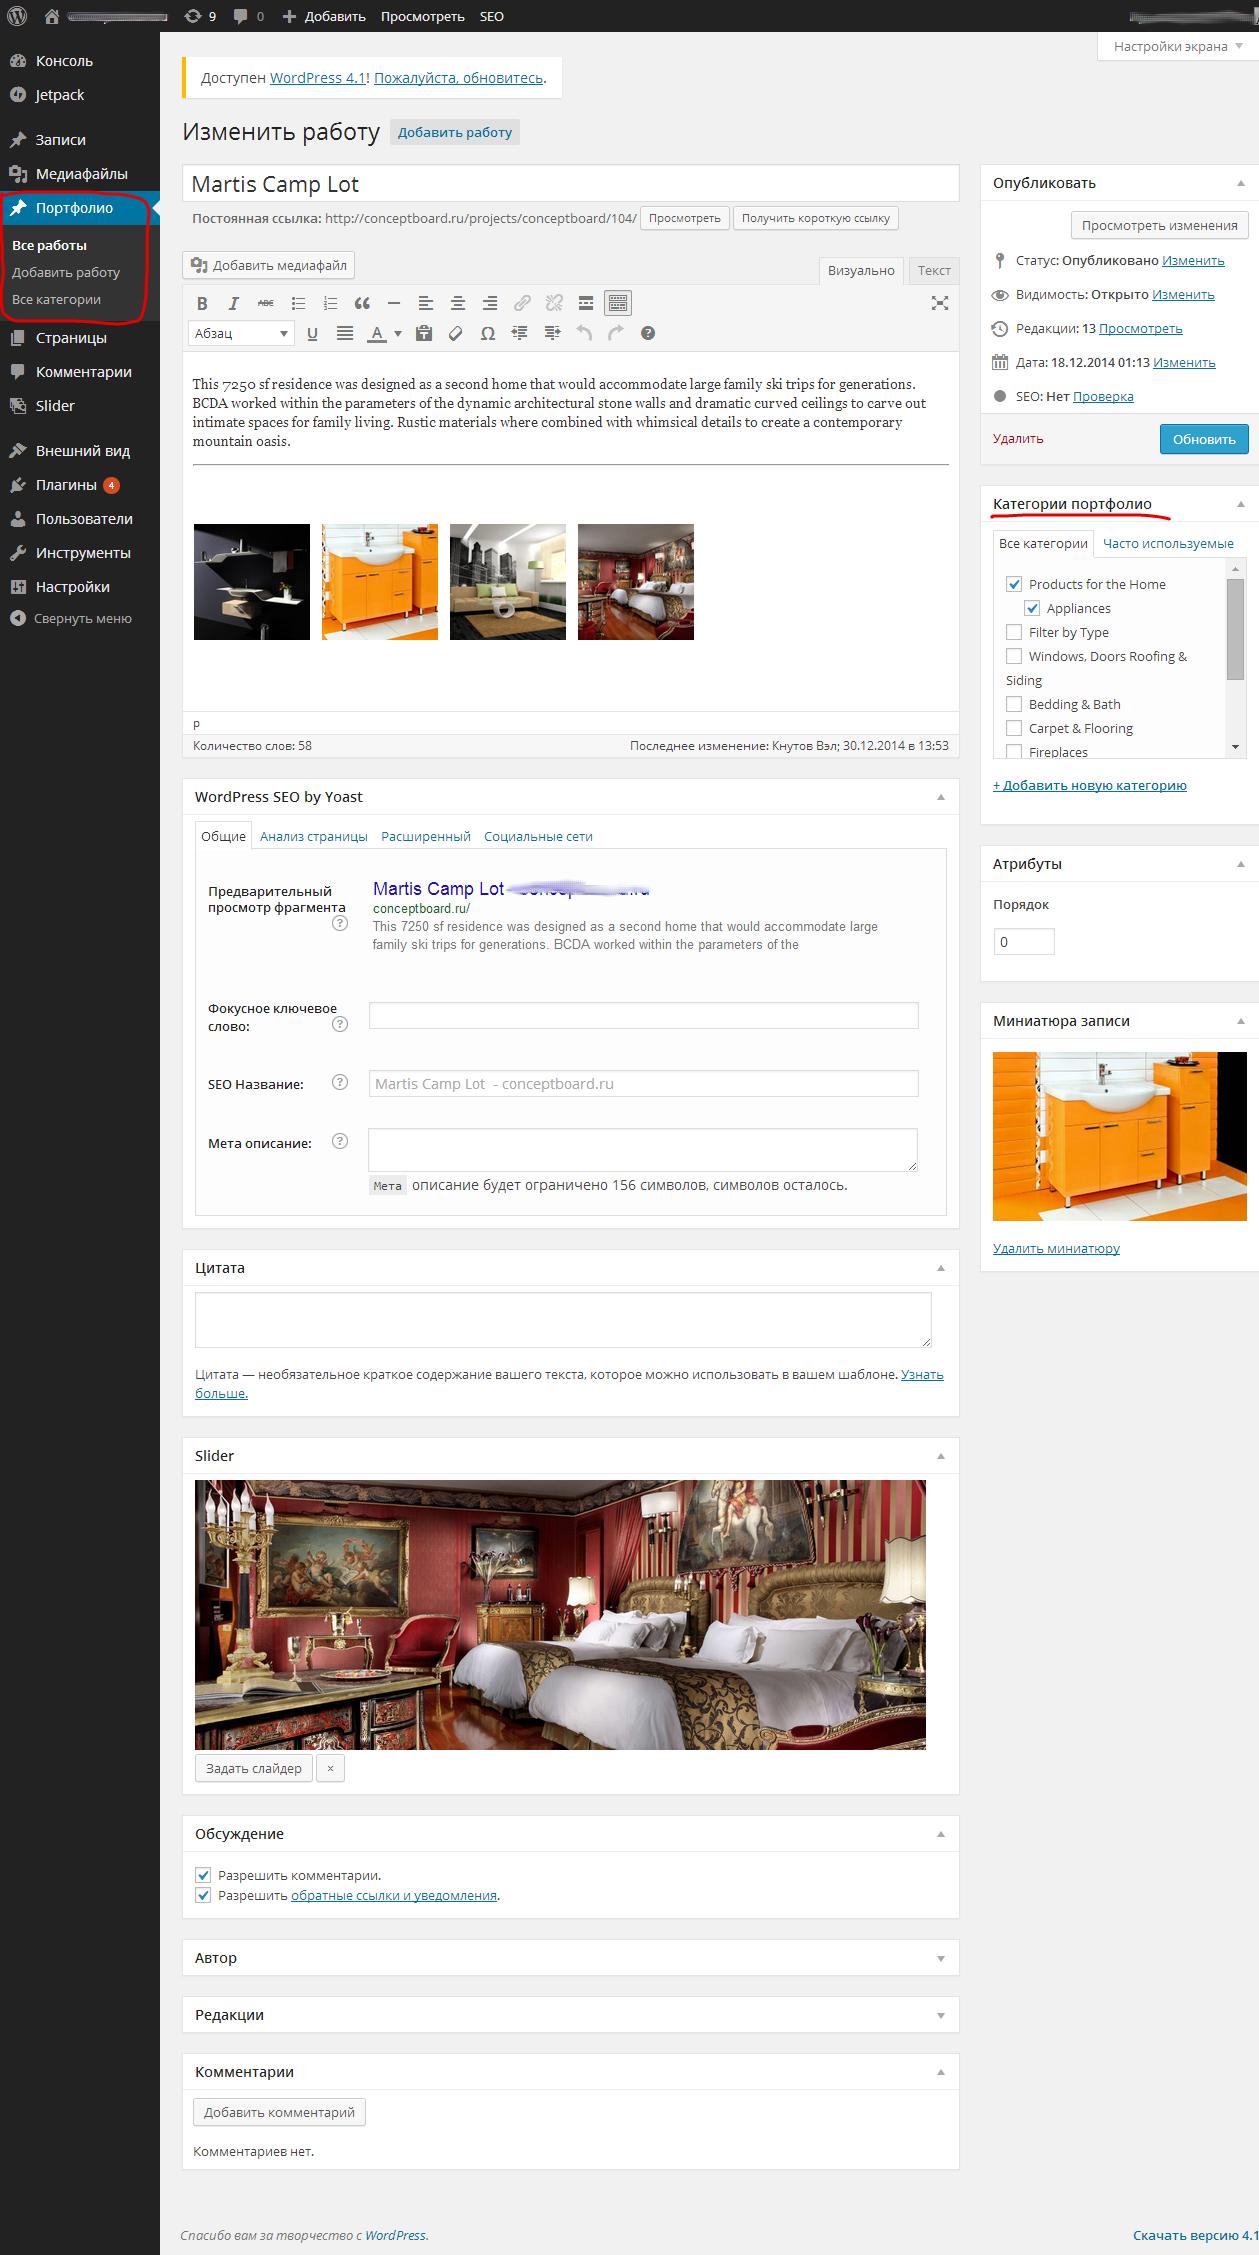 Разработка плагинов под wordpress с ценой 15 000+